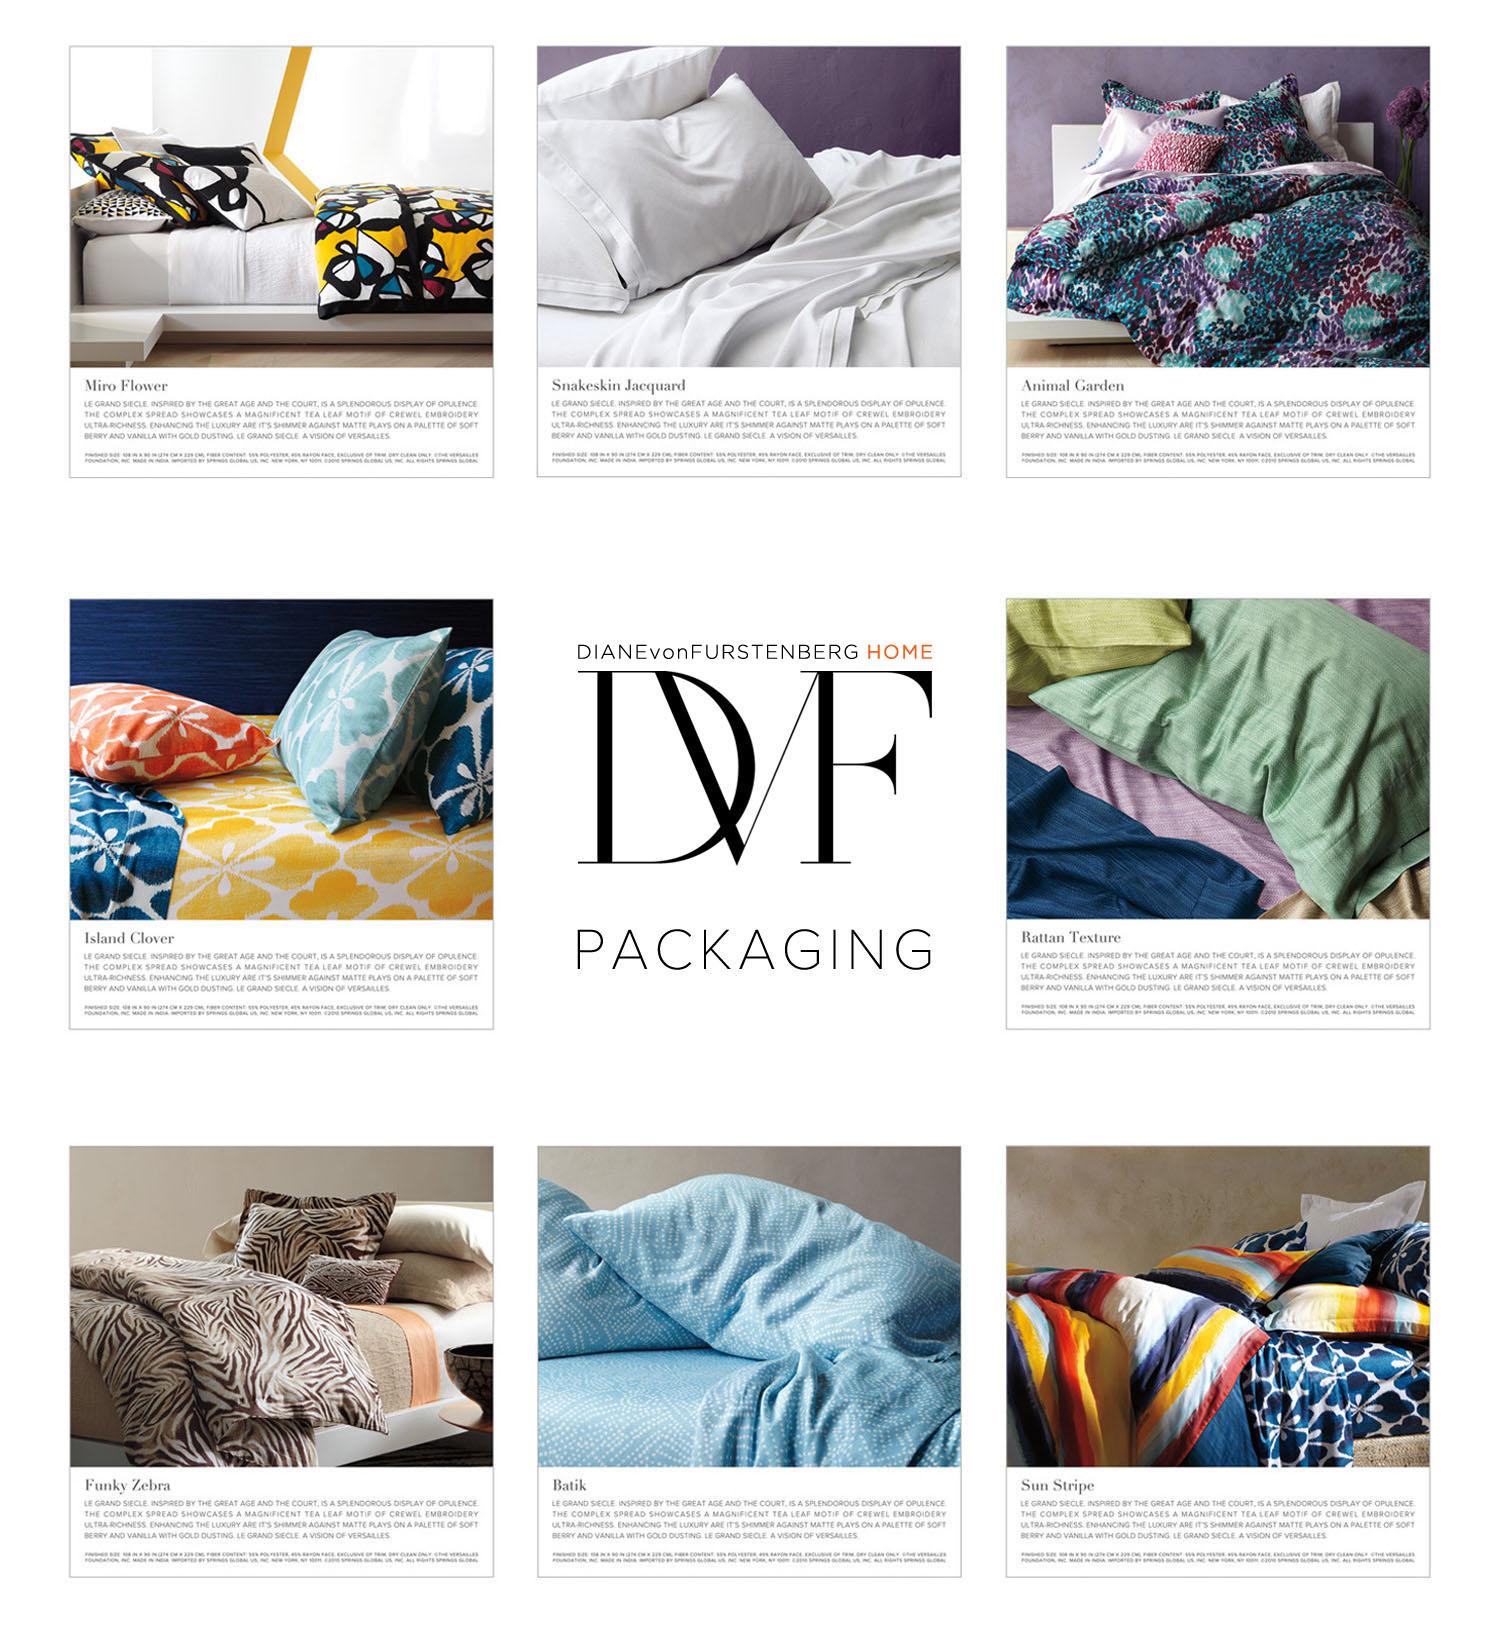 dvf_packaging_grid_final.jpg